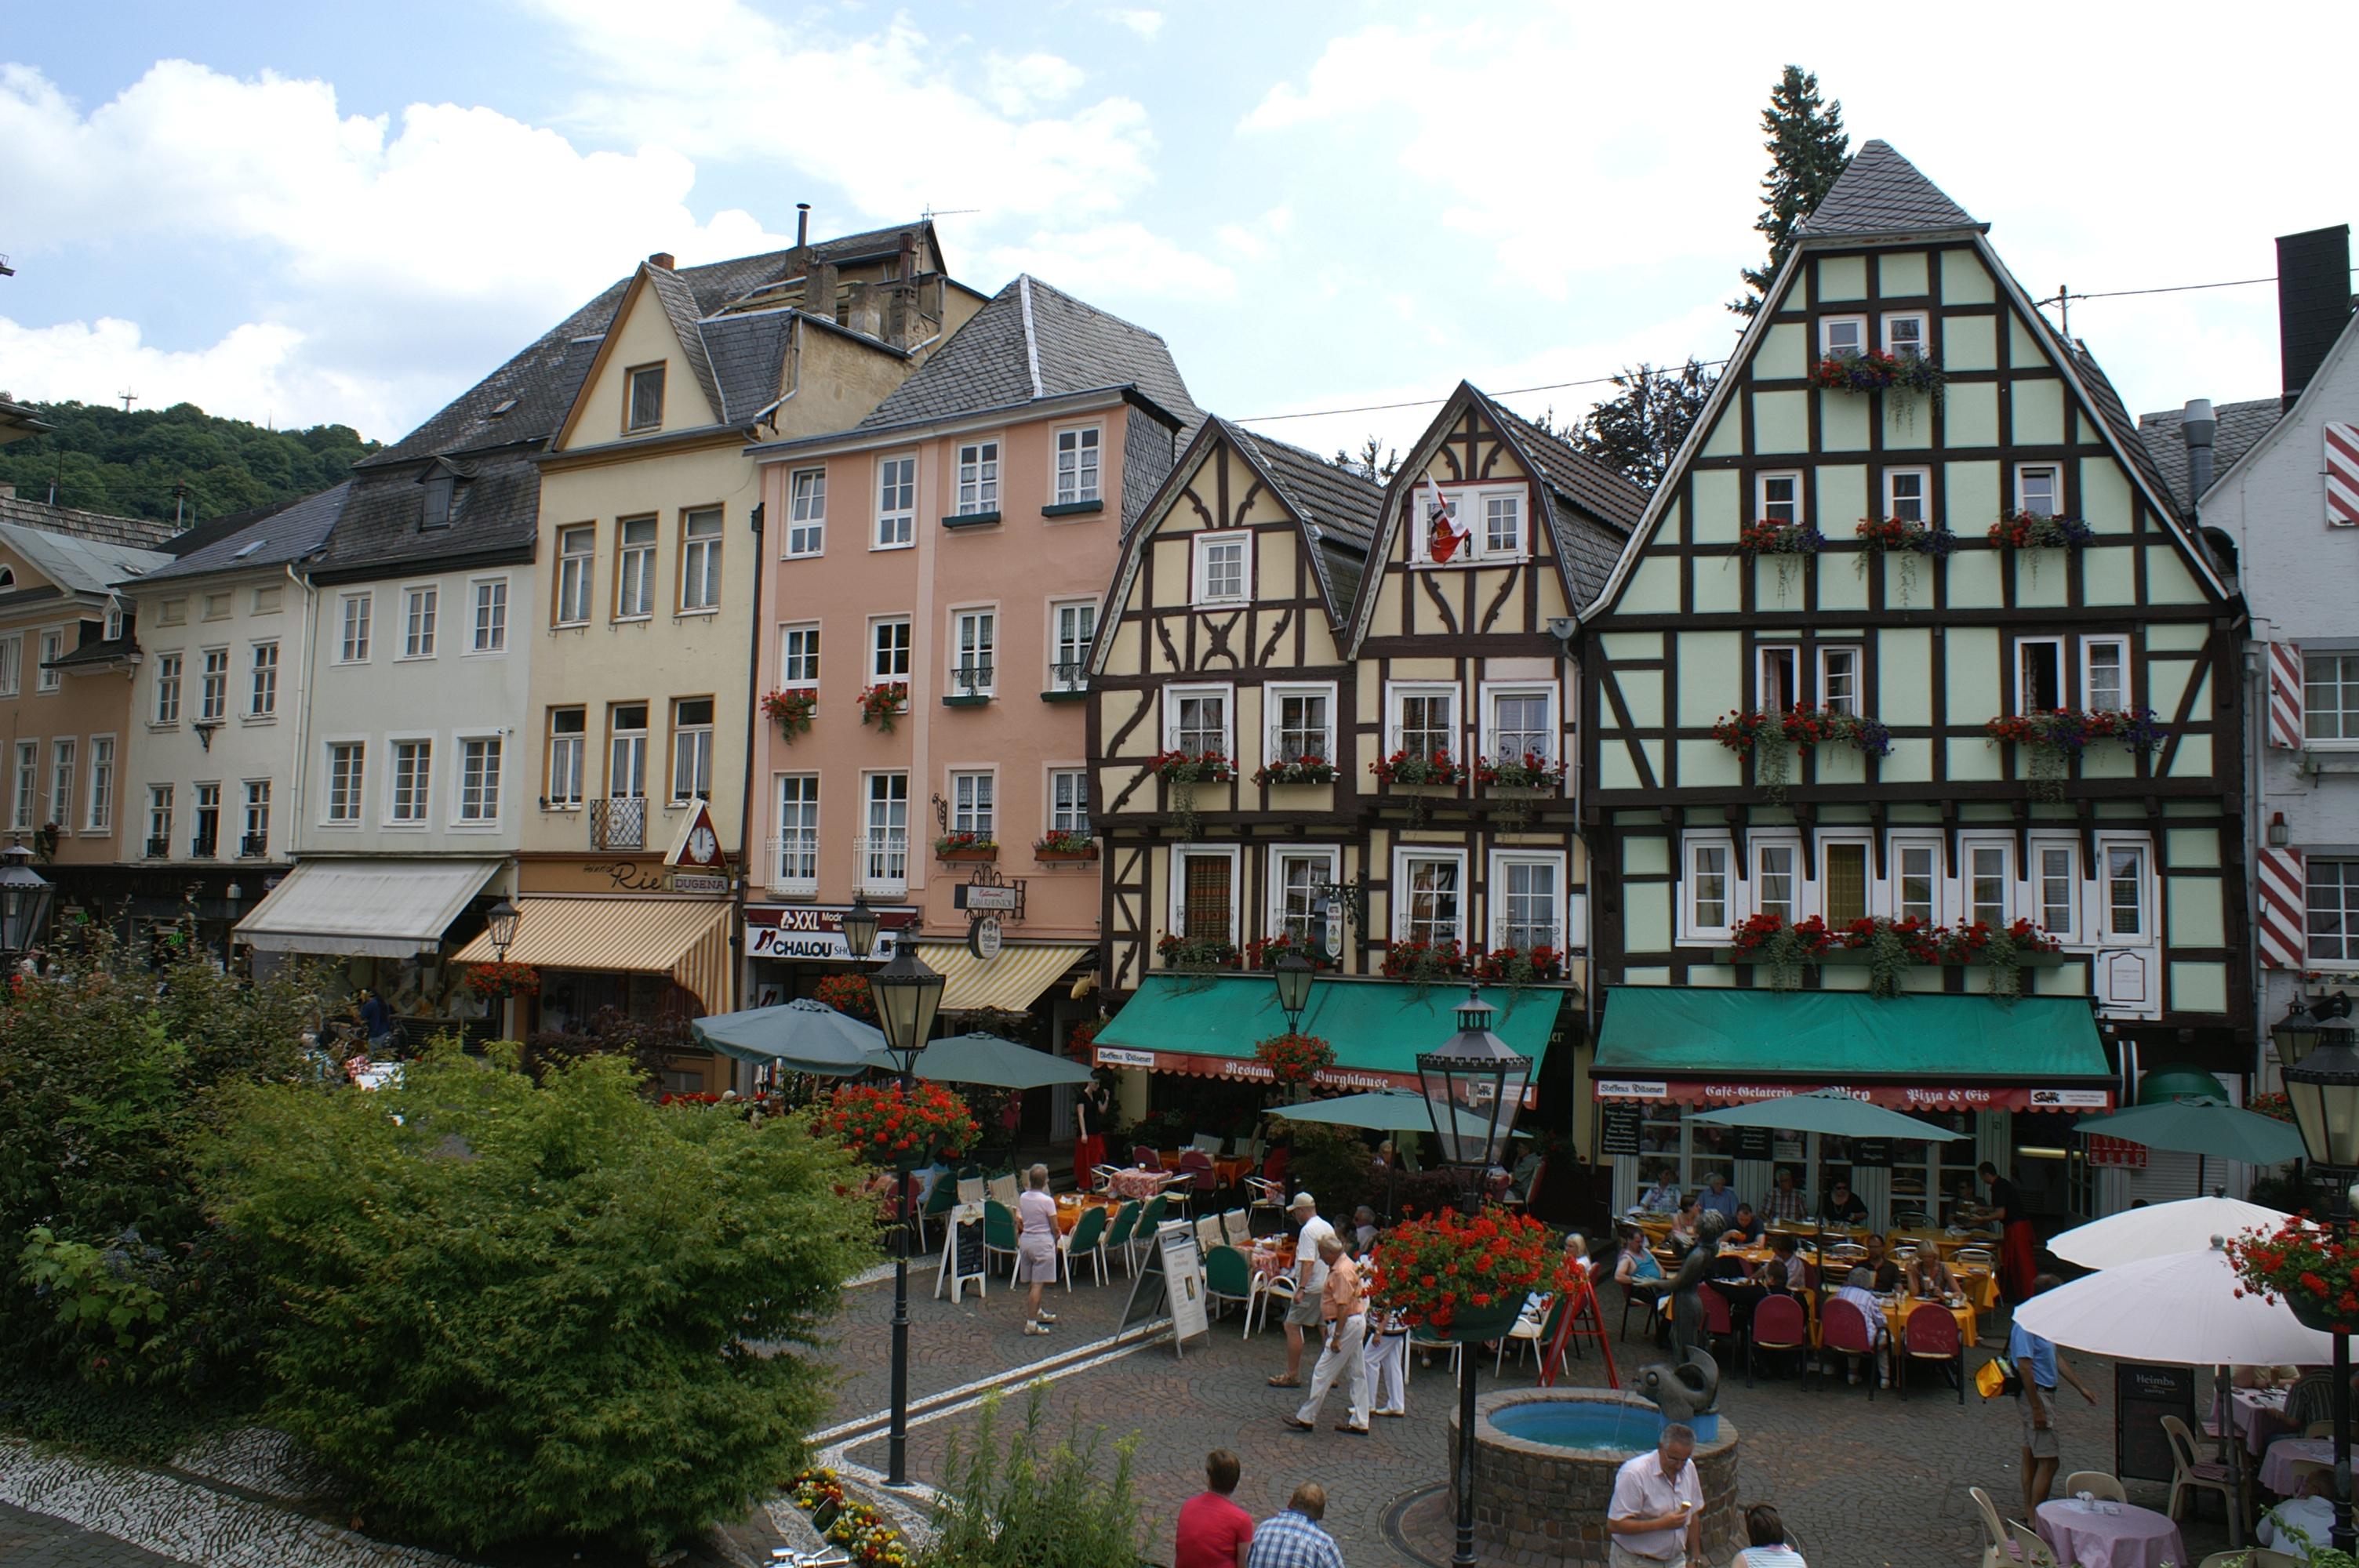 Rhein Hotel Bacharach Stubers Restaurant Preislisten Fur Die Zimmer Bacharach